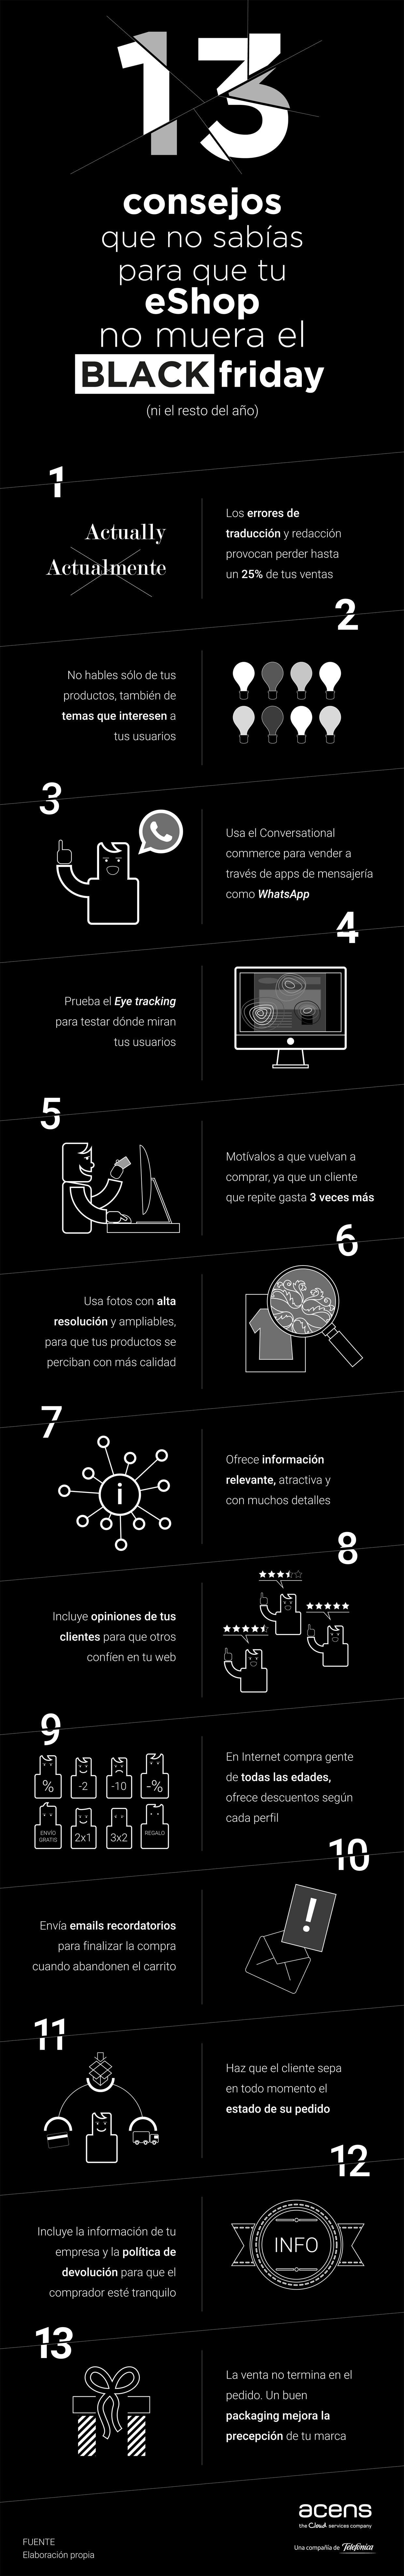 infografia-13-consejos-eshop-no-muera-black-friday-acens-blog-cloud